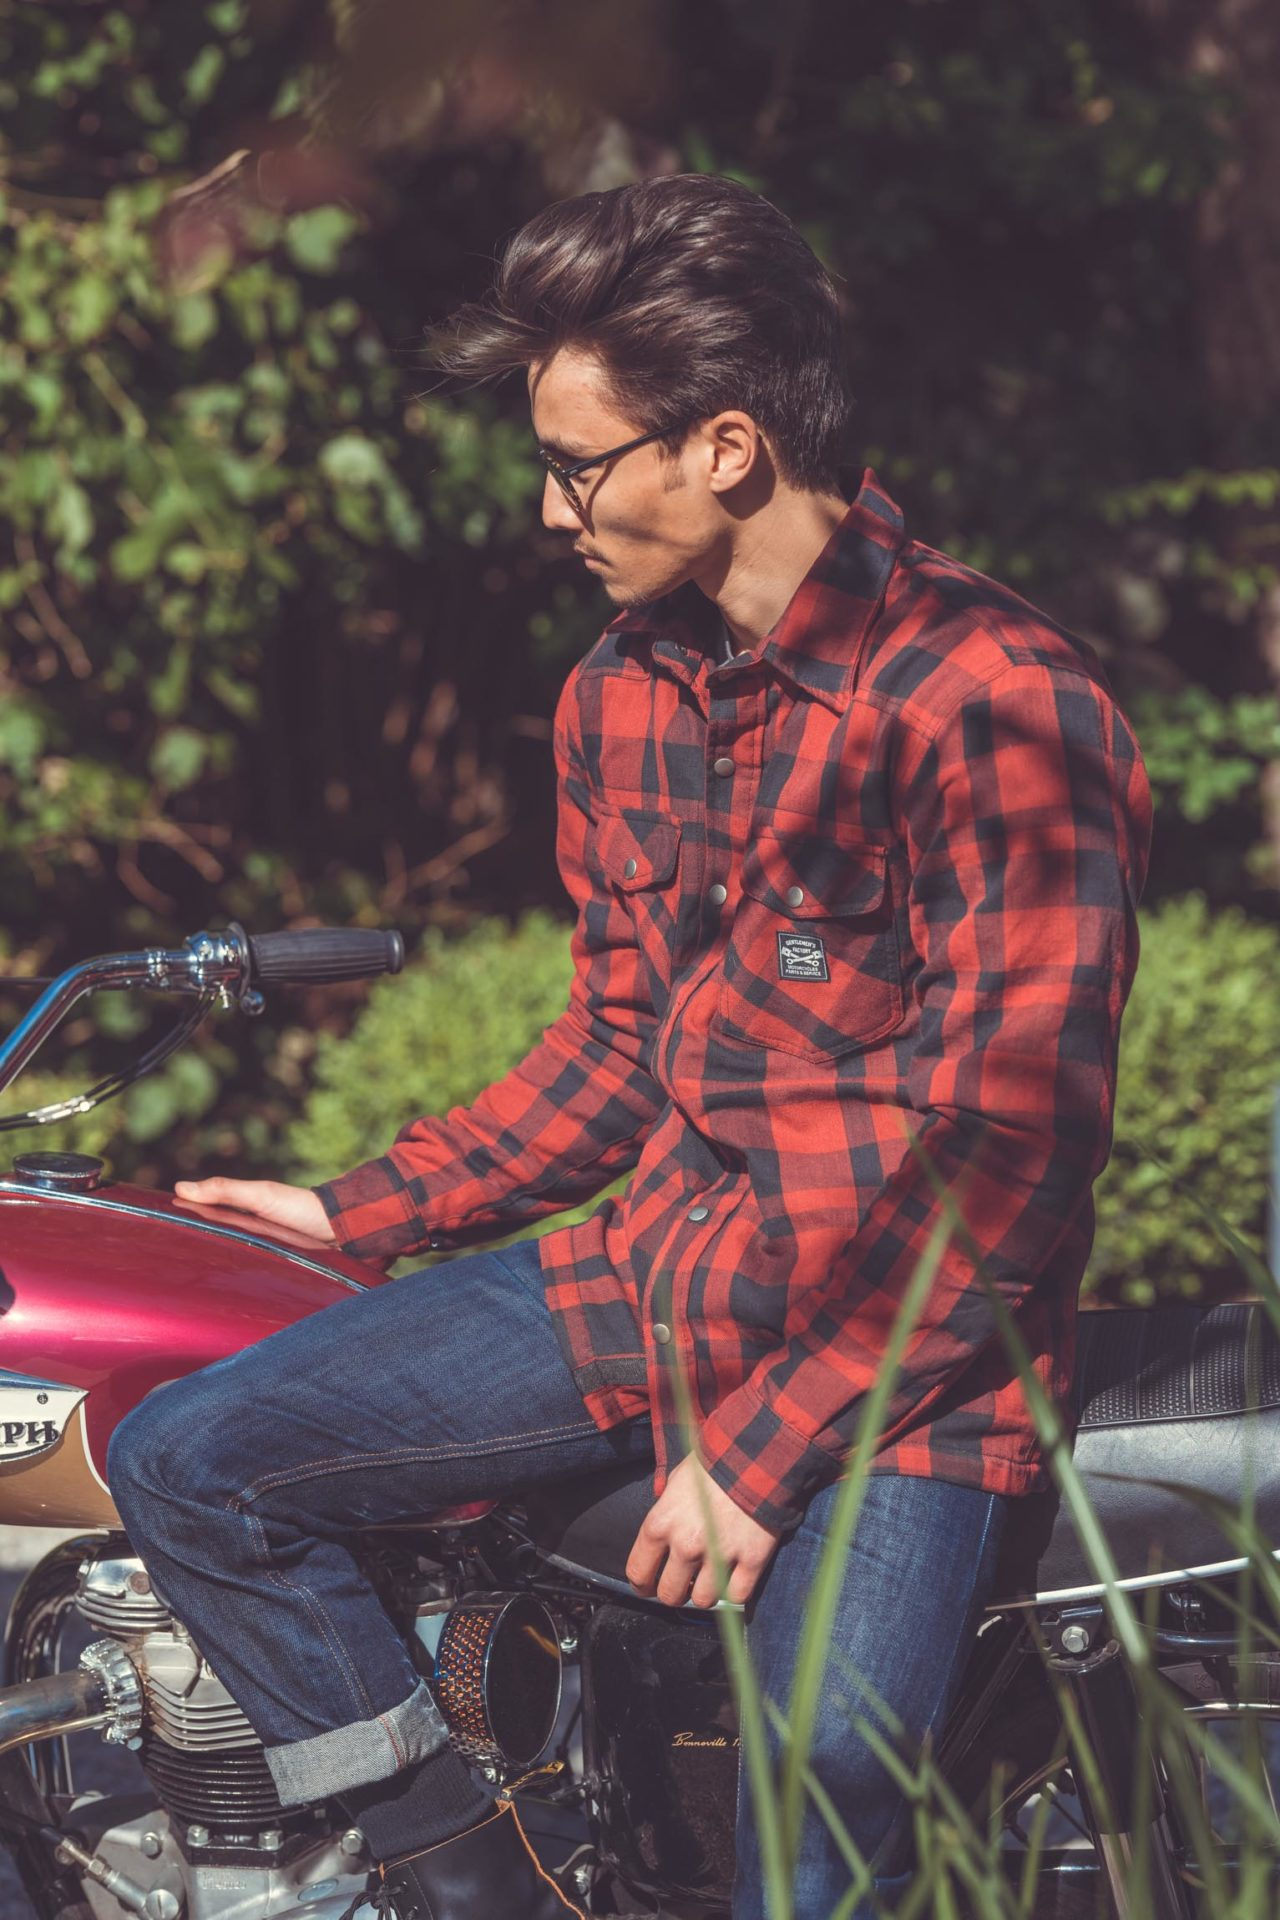 Laurent Scavone Photographe life style, streetwear, habillement et accessoires Moto